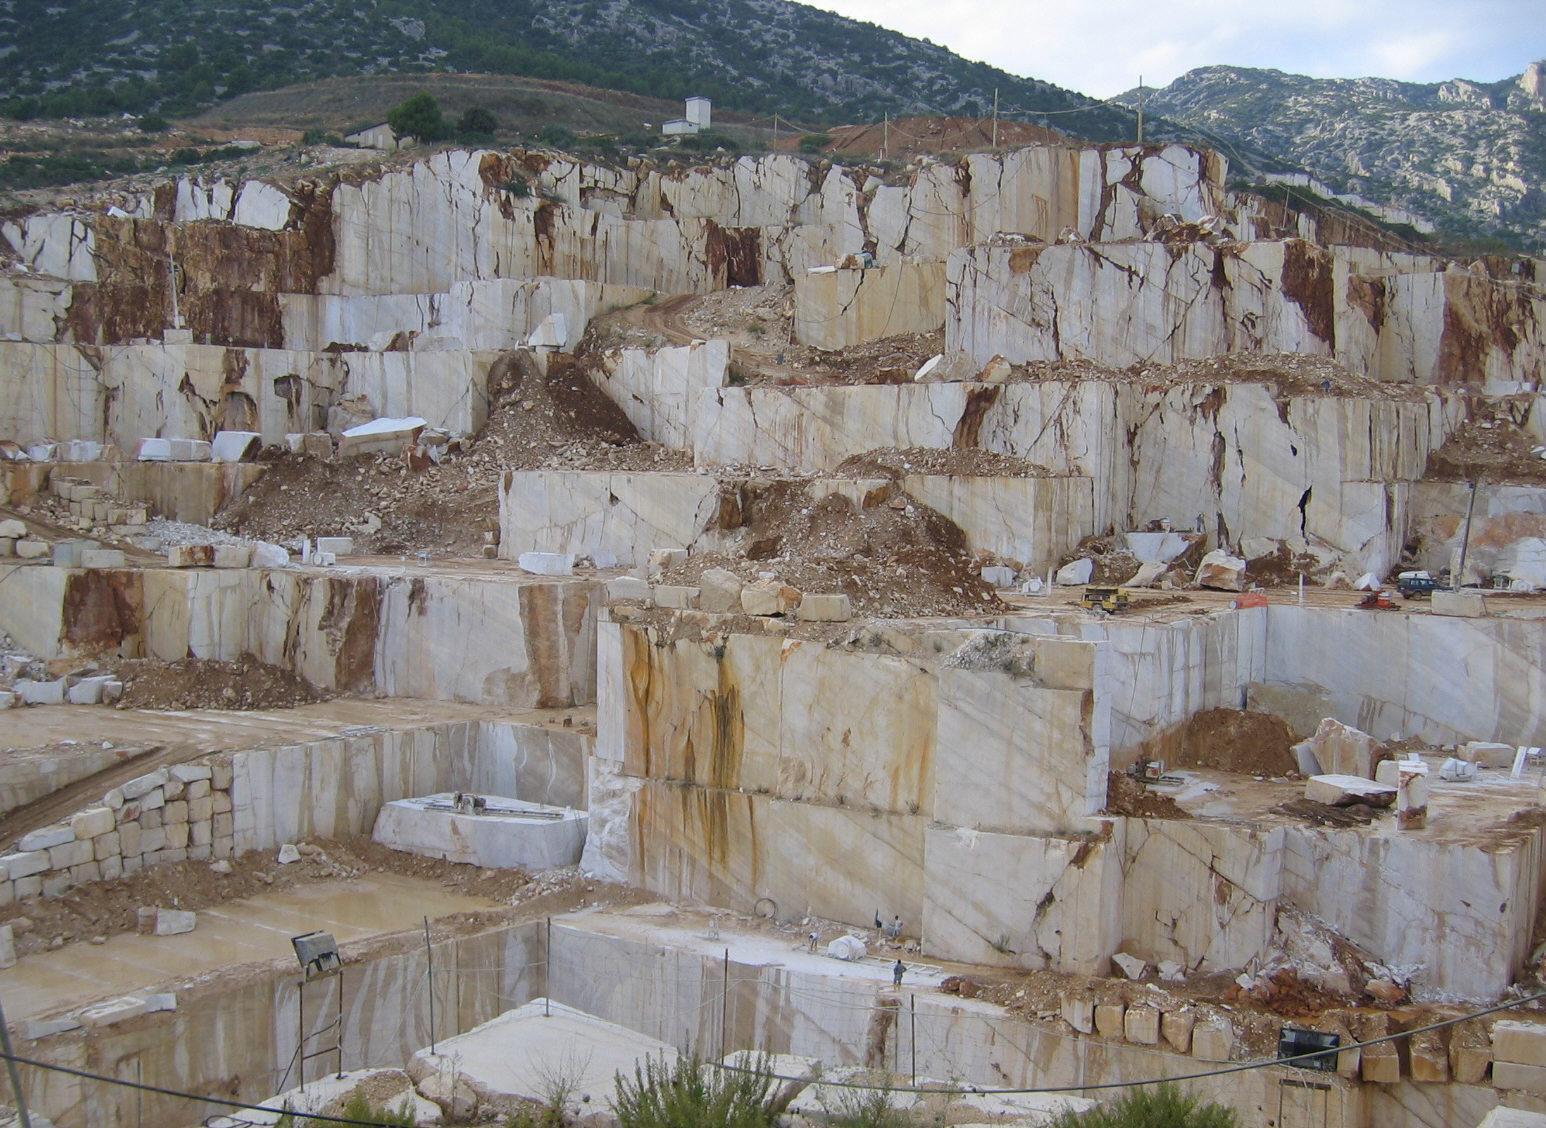 Projeto investirá mais de R$ 26 milhões para exportações de rochas ornamentais